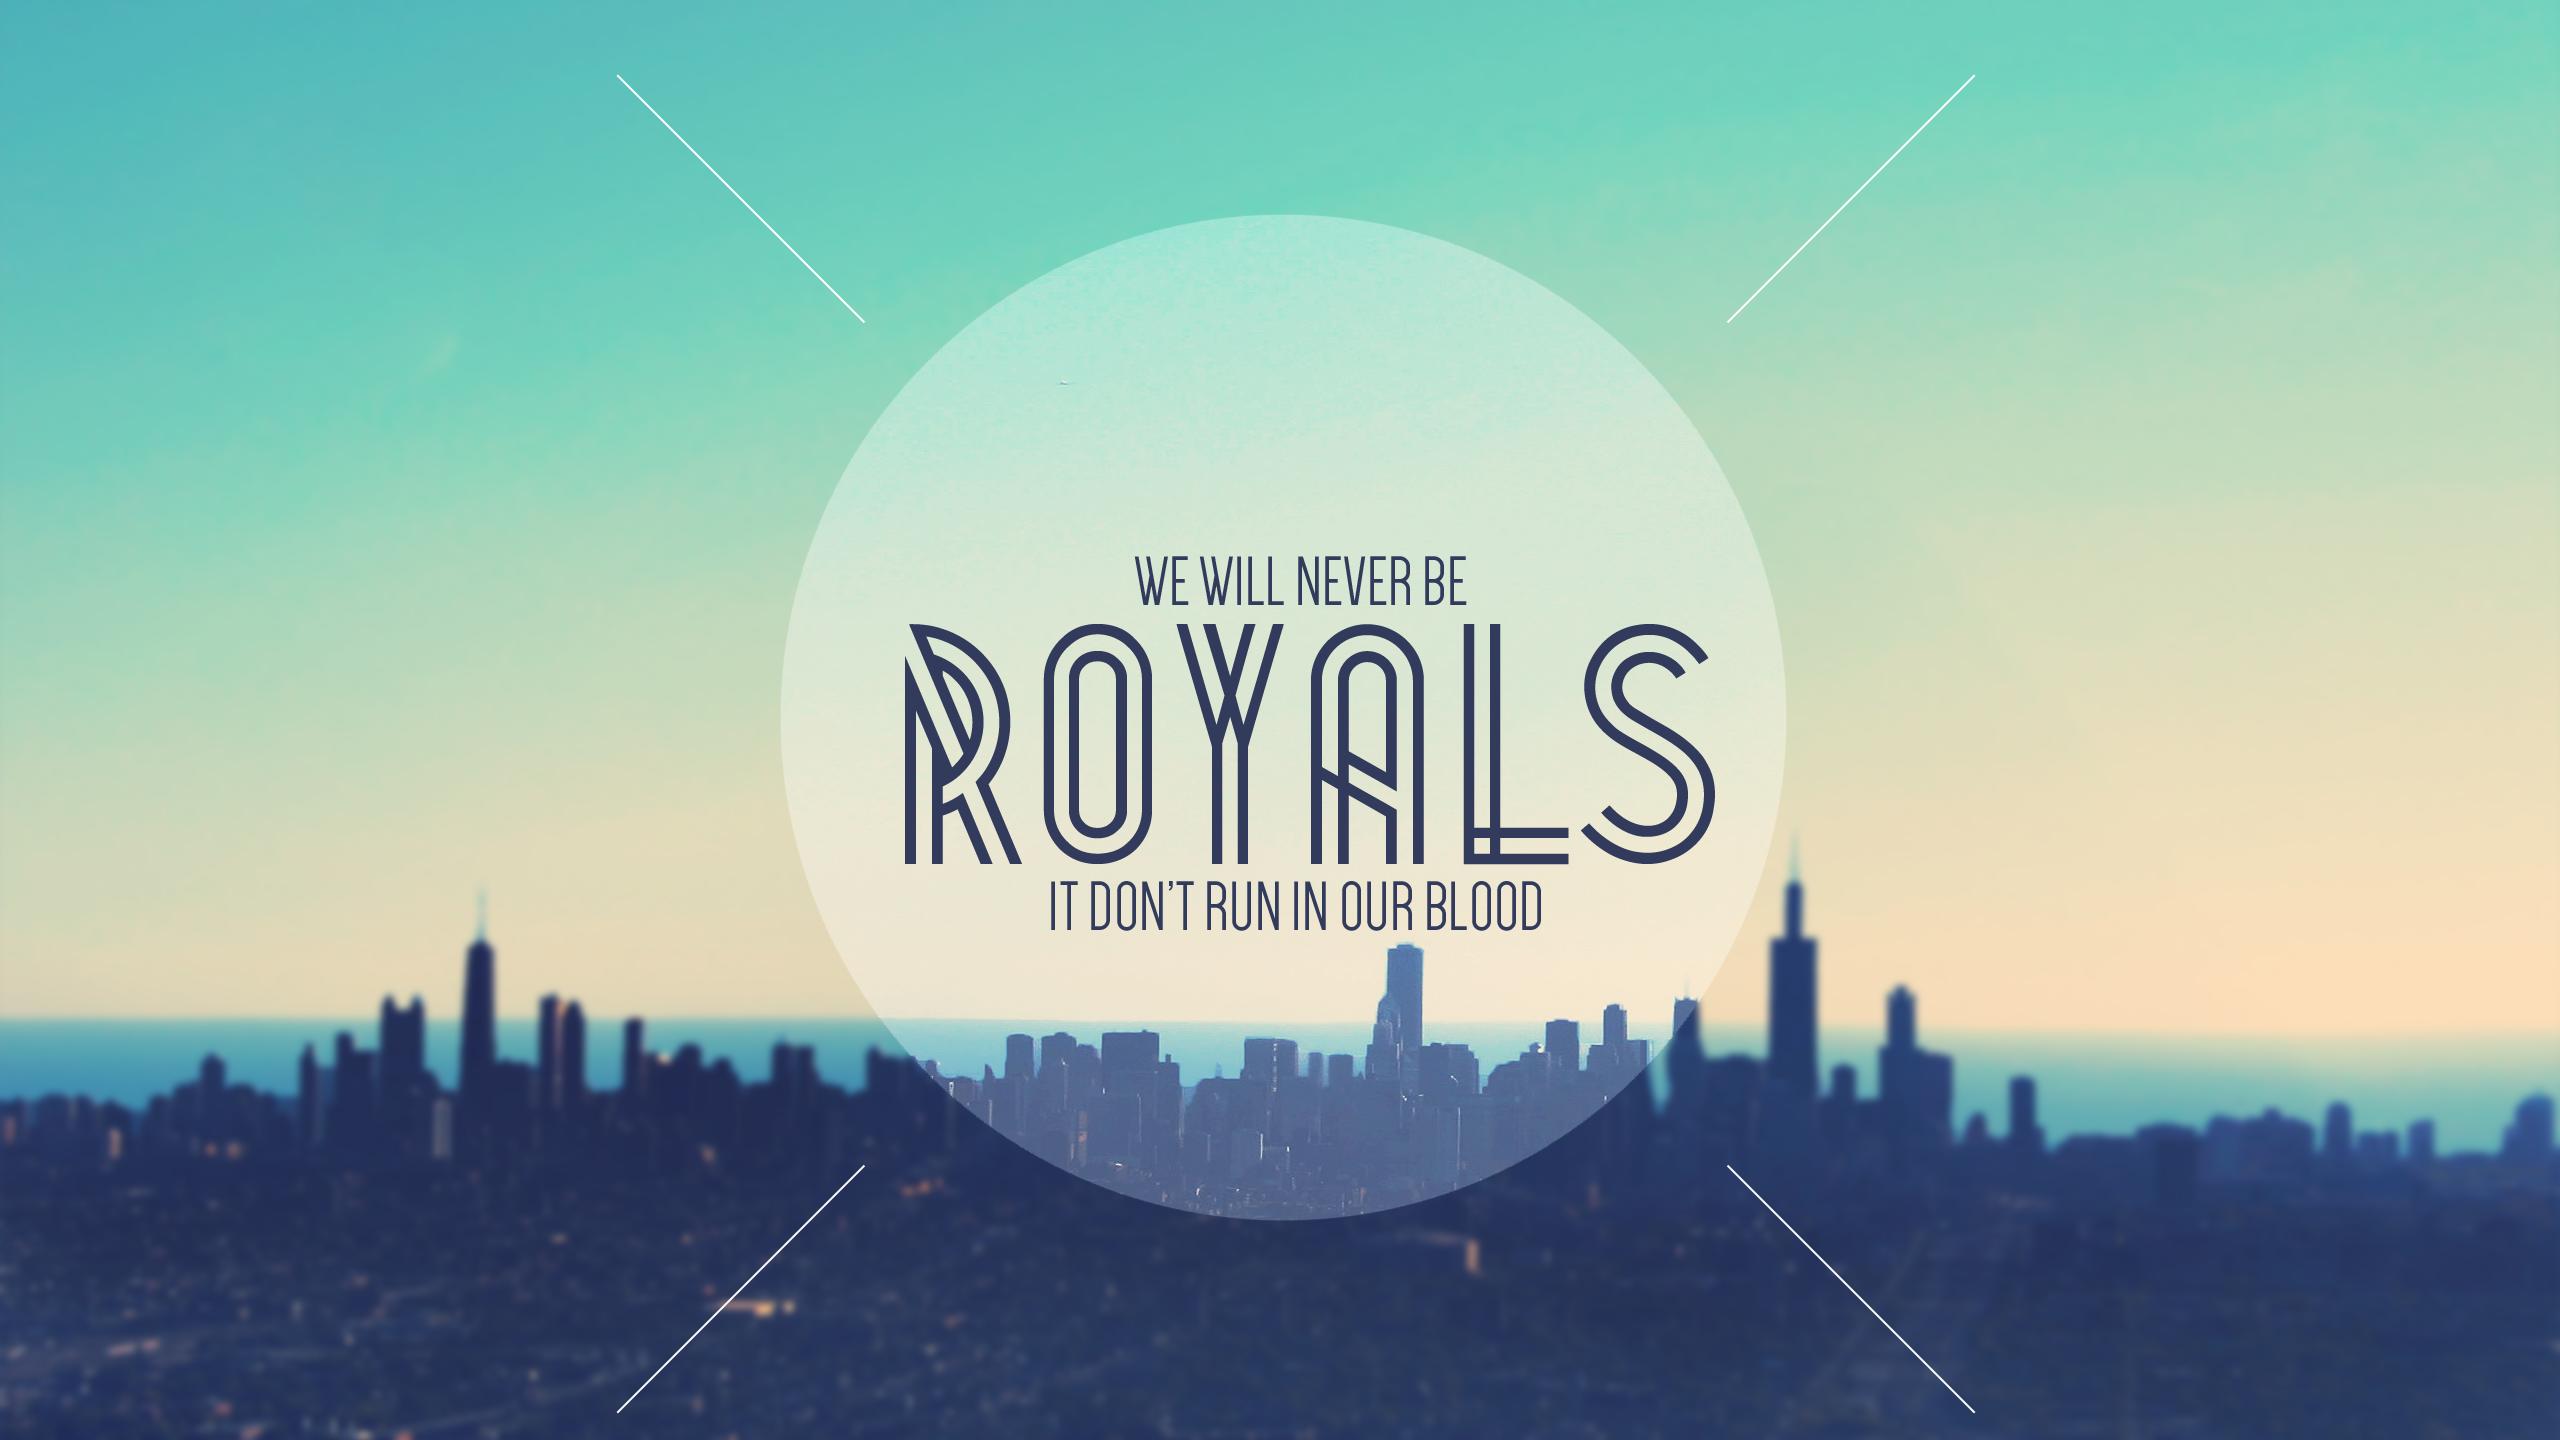 royals wallpaper 2560x1440